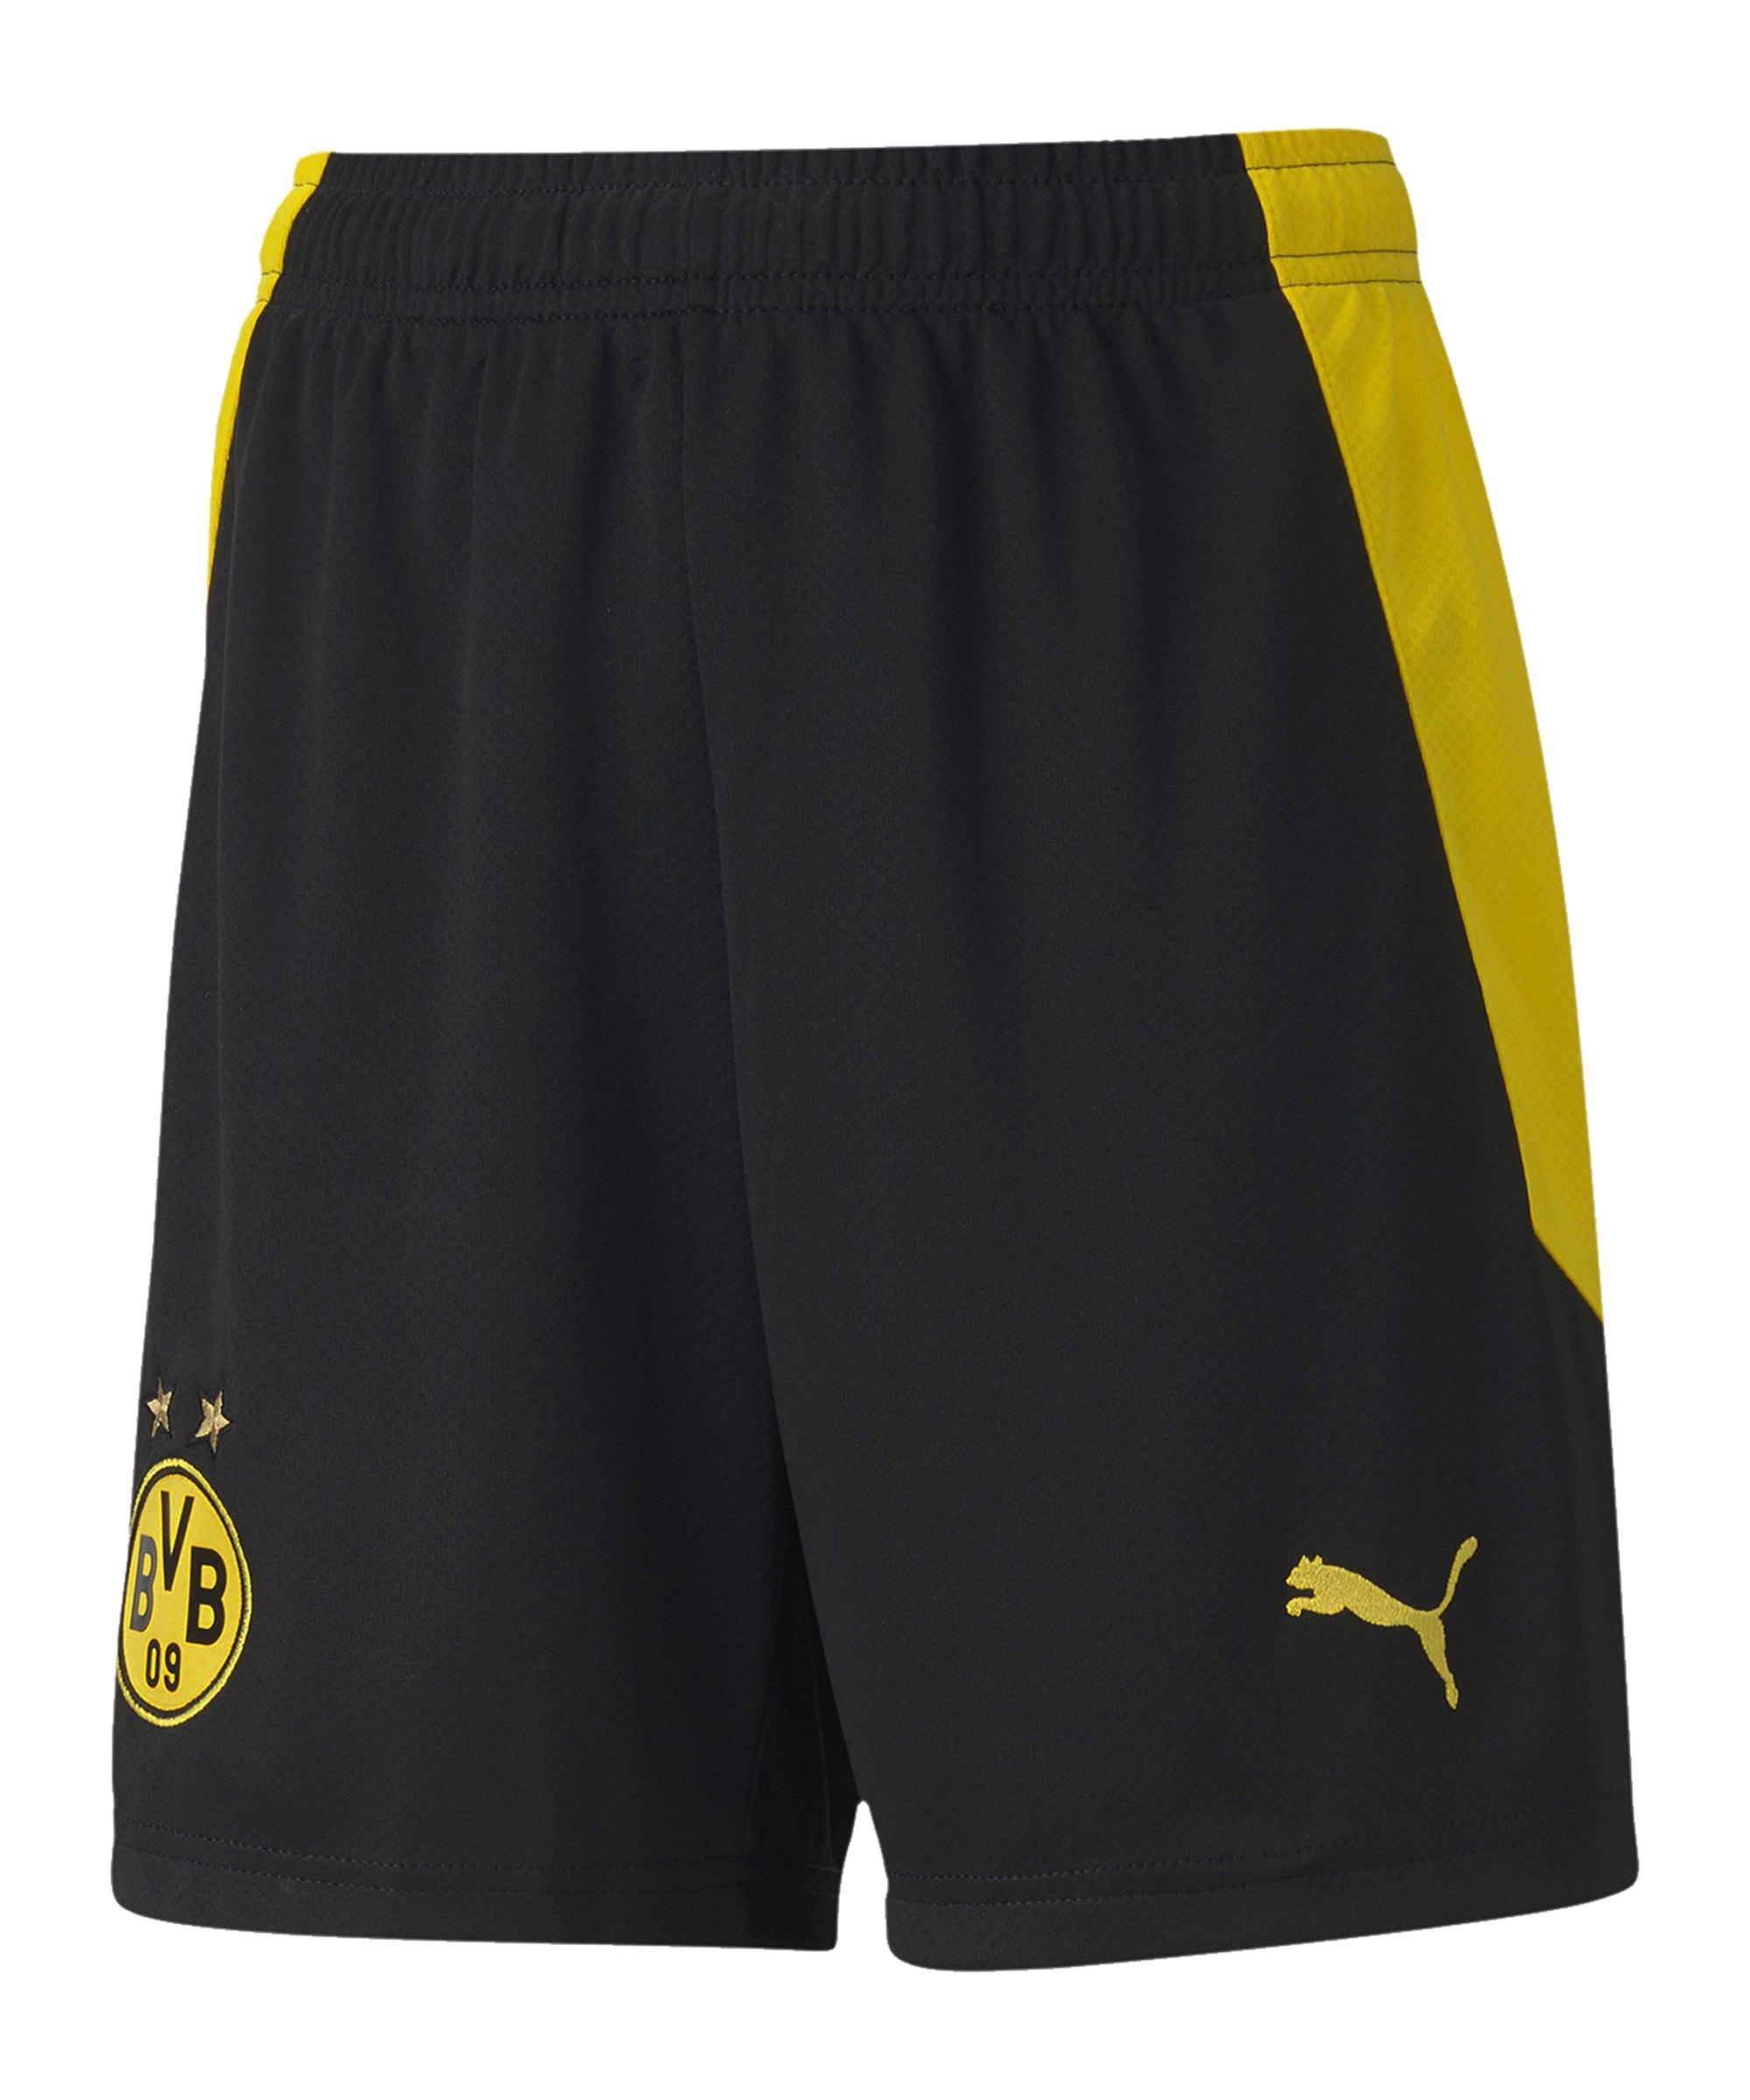 PUMA BVB Dortmund Short Home 2020/2021 Kids Schwarz F02 - schwarz